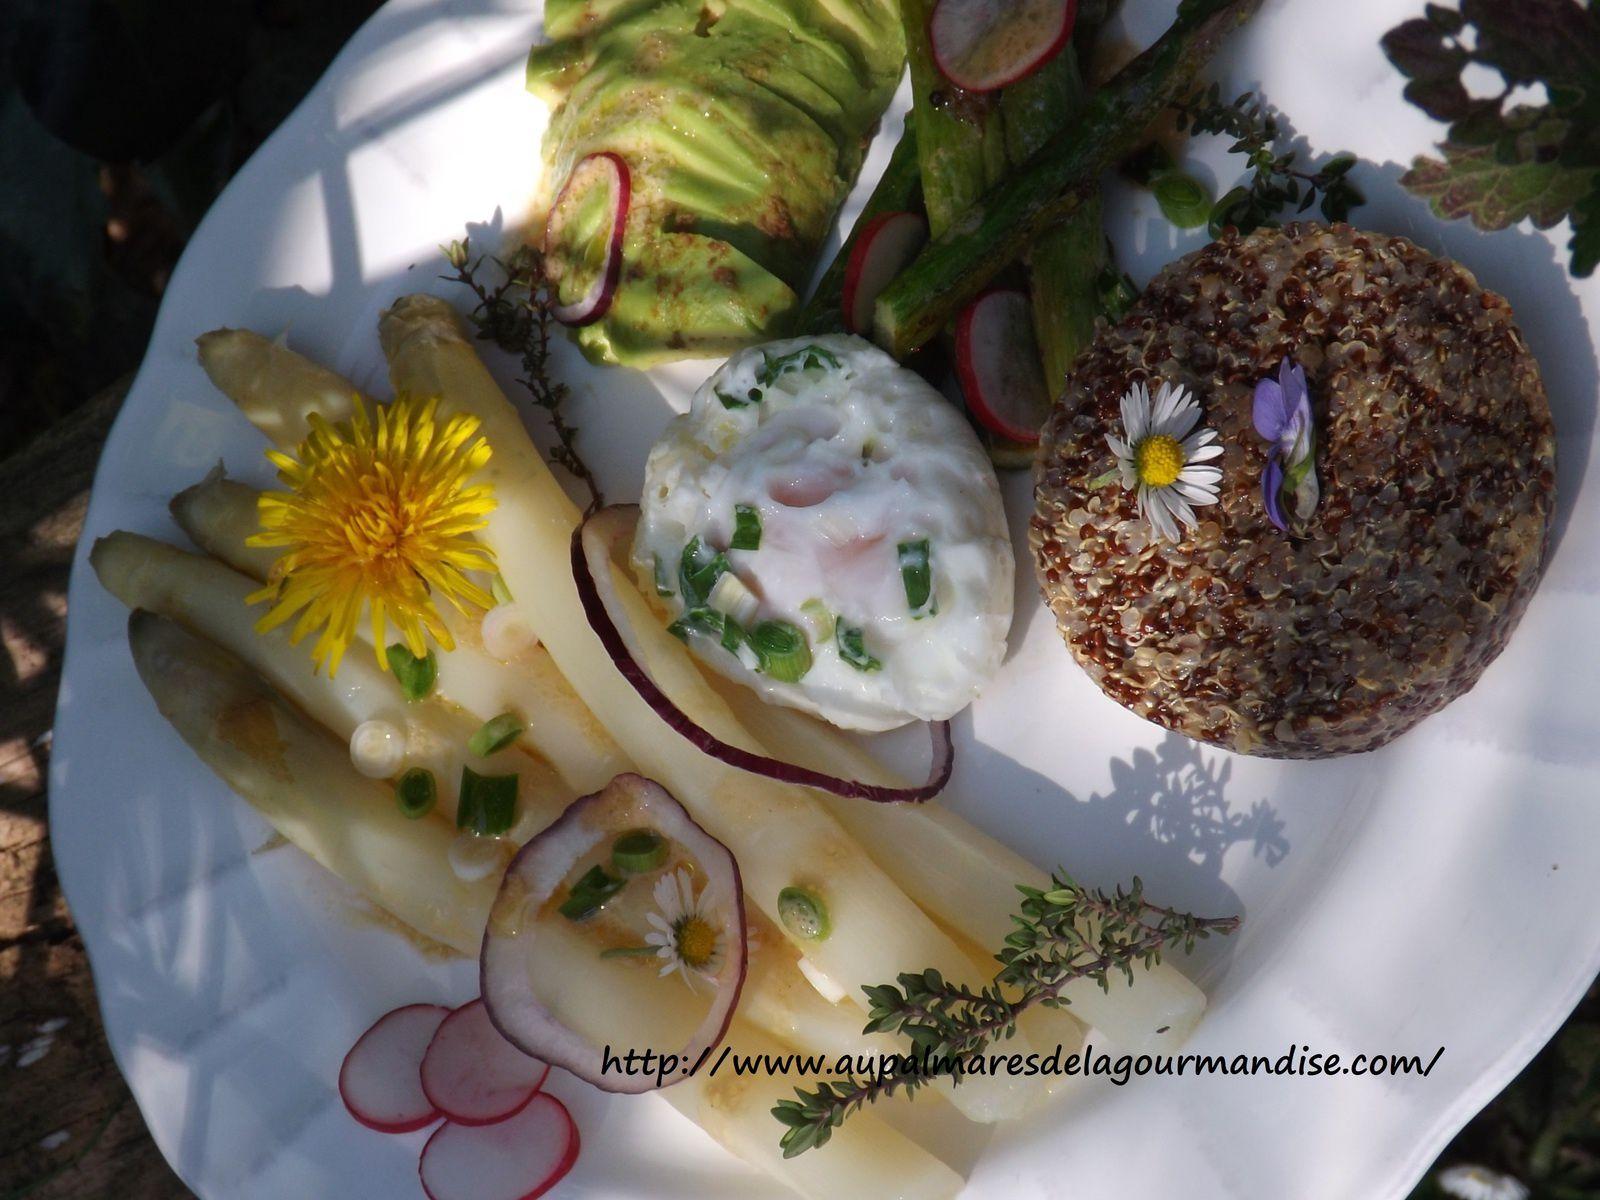 Assiette bucolique de légumes de printemps,quinoa poélé Sabarot et son oeuf poché